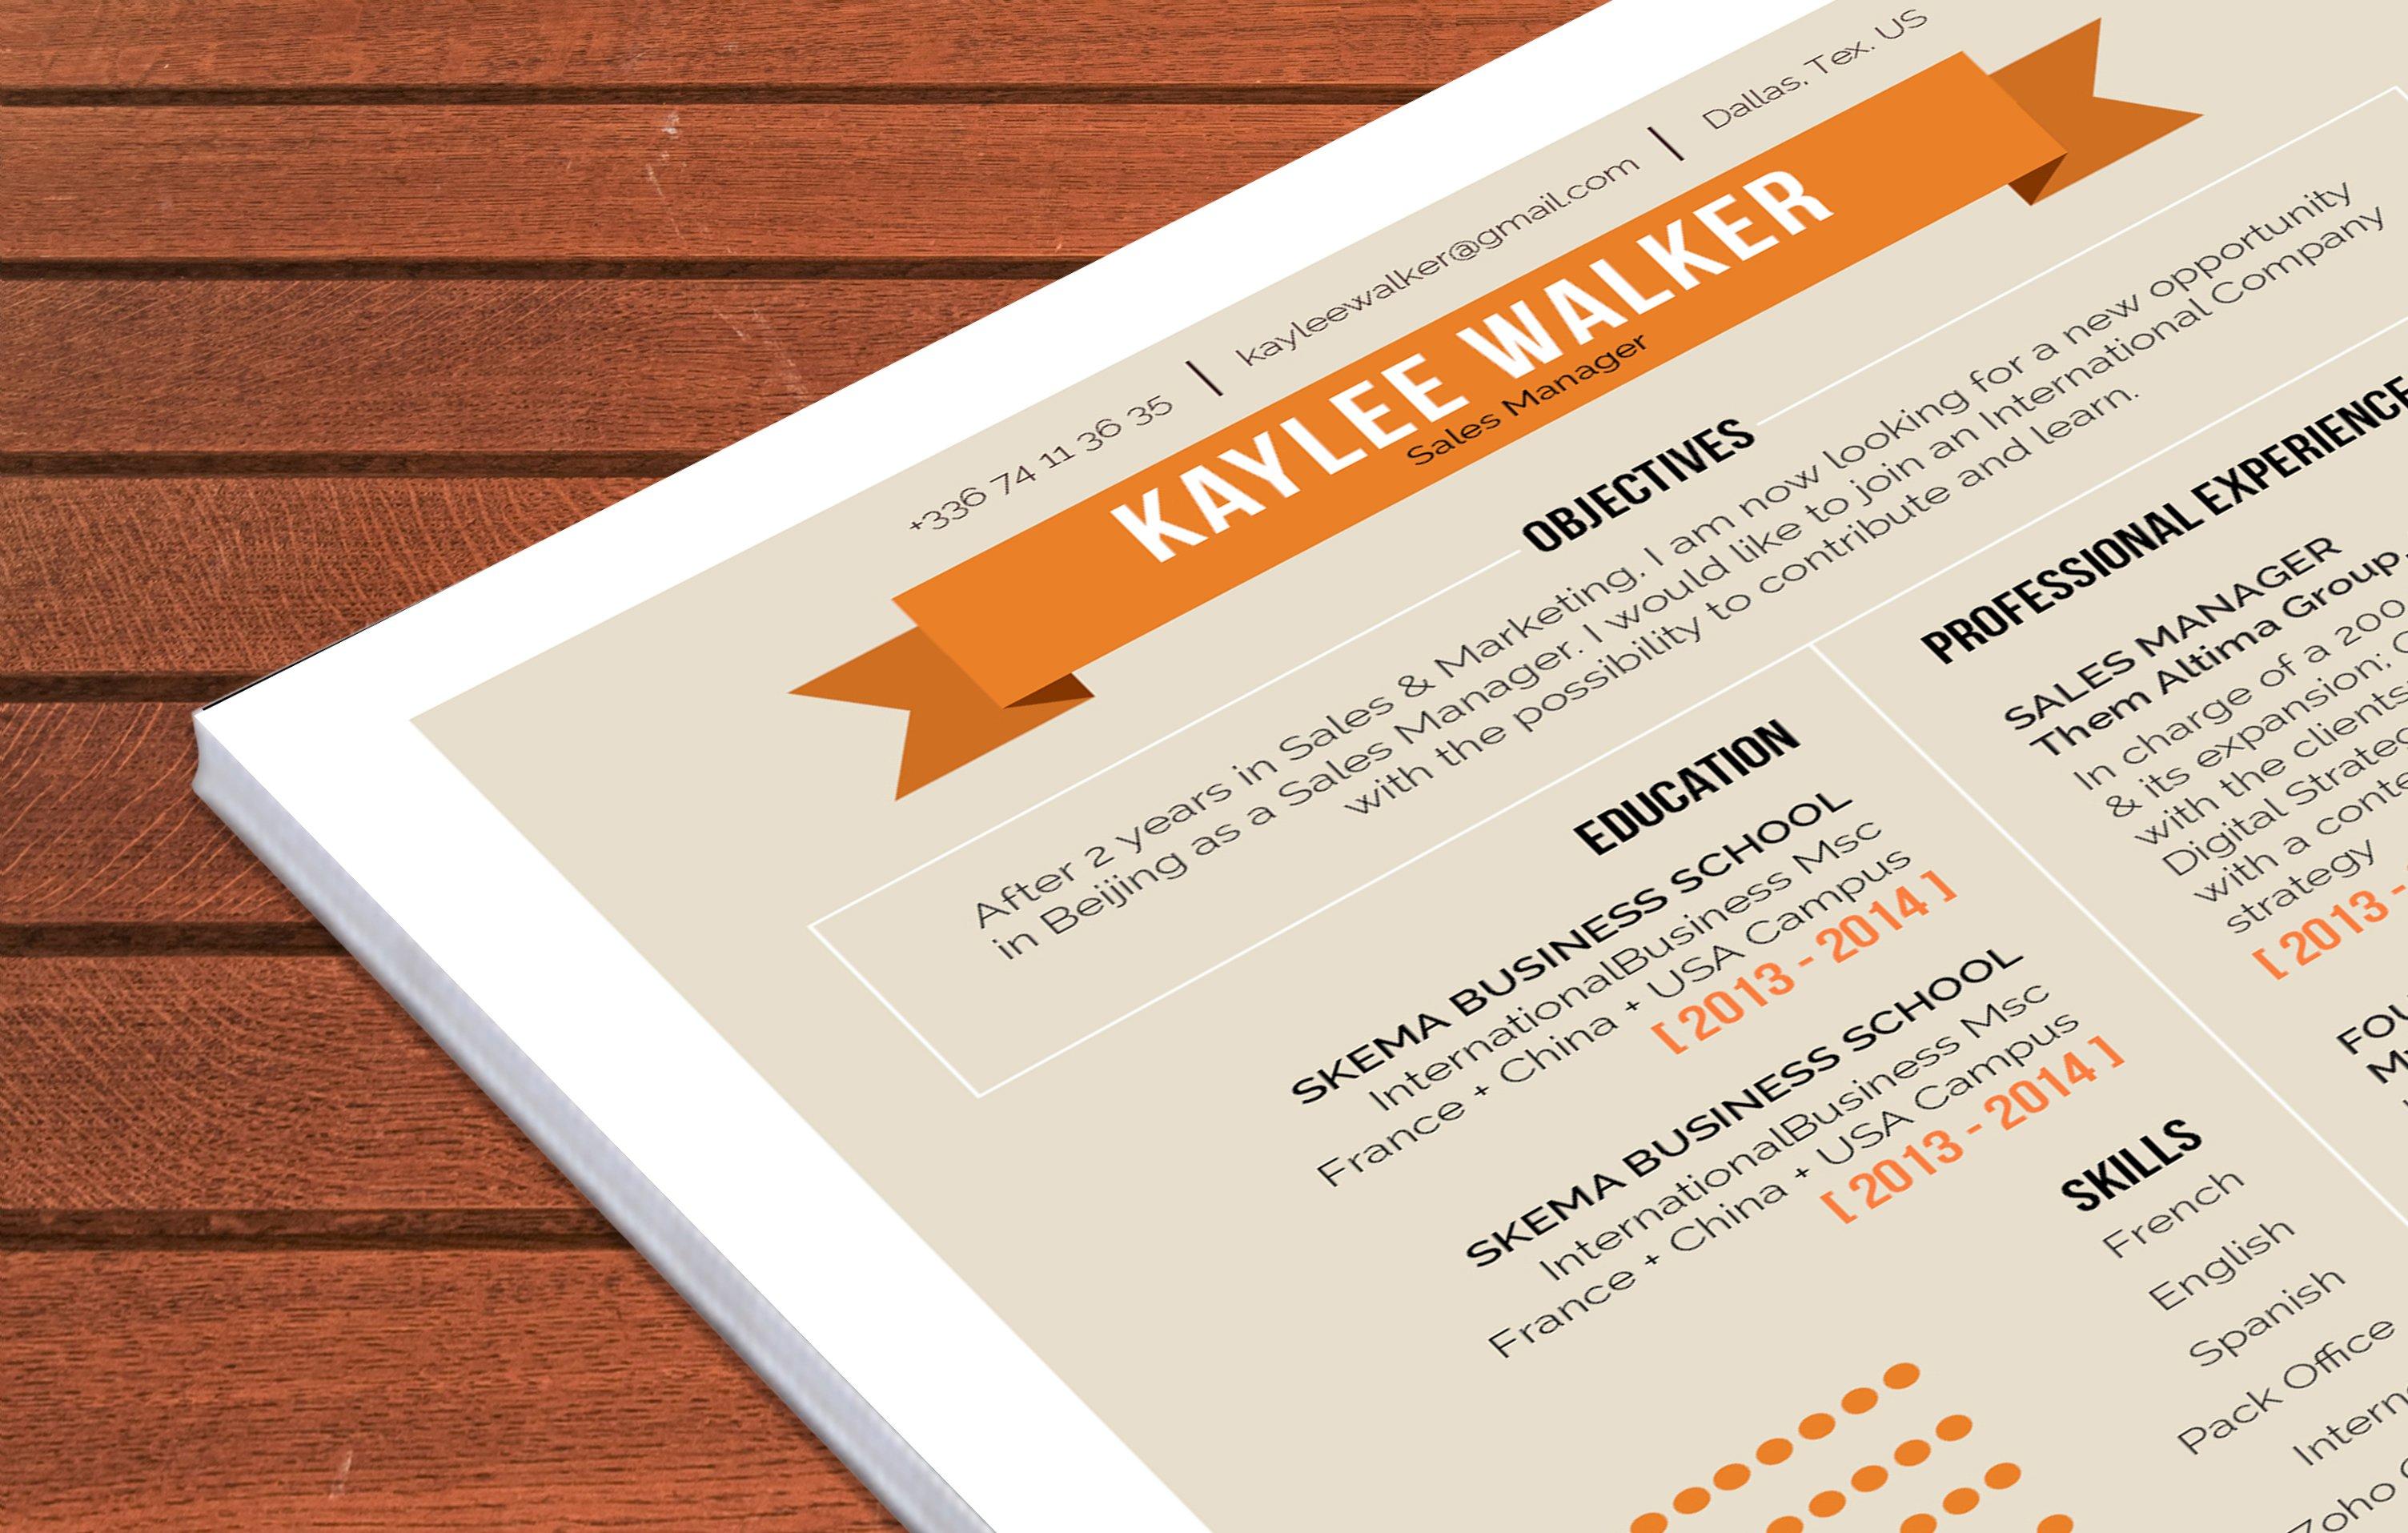 free-resume-mycvfactory-inspiration-3_mKuK5vV.jpg